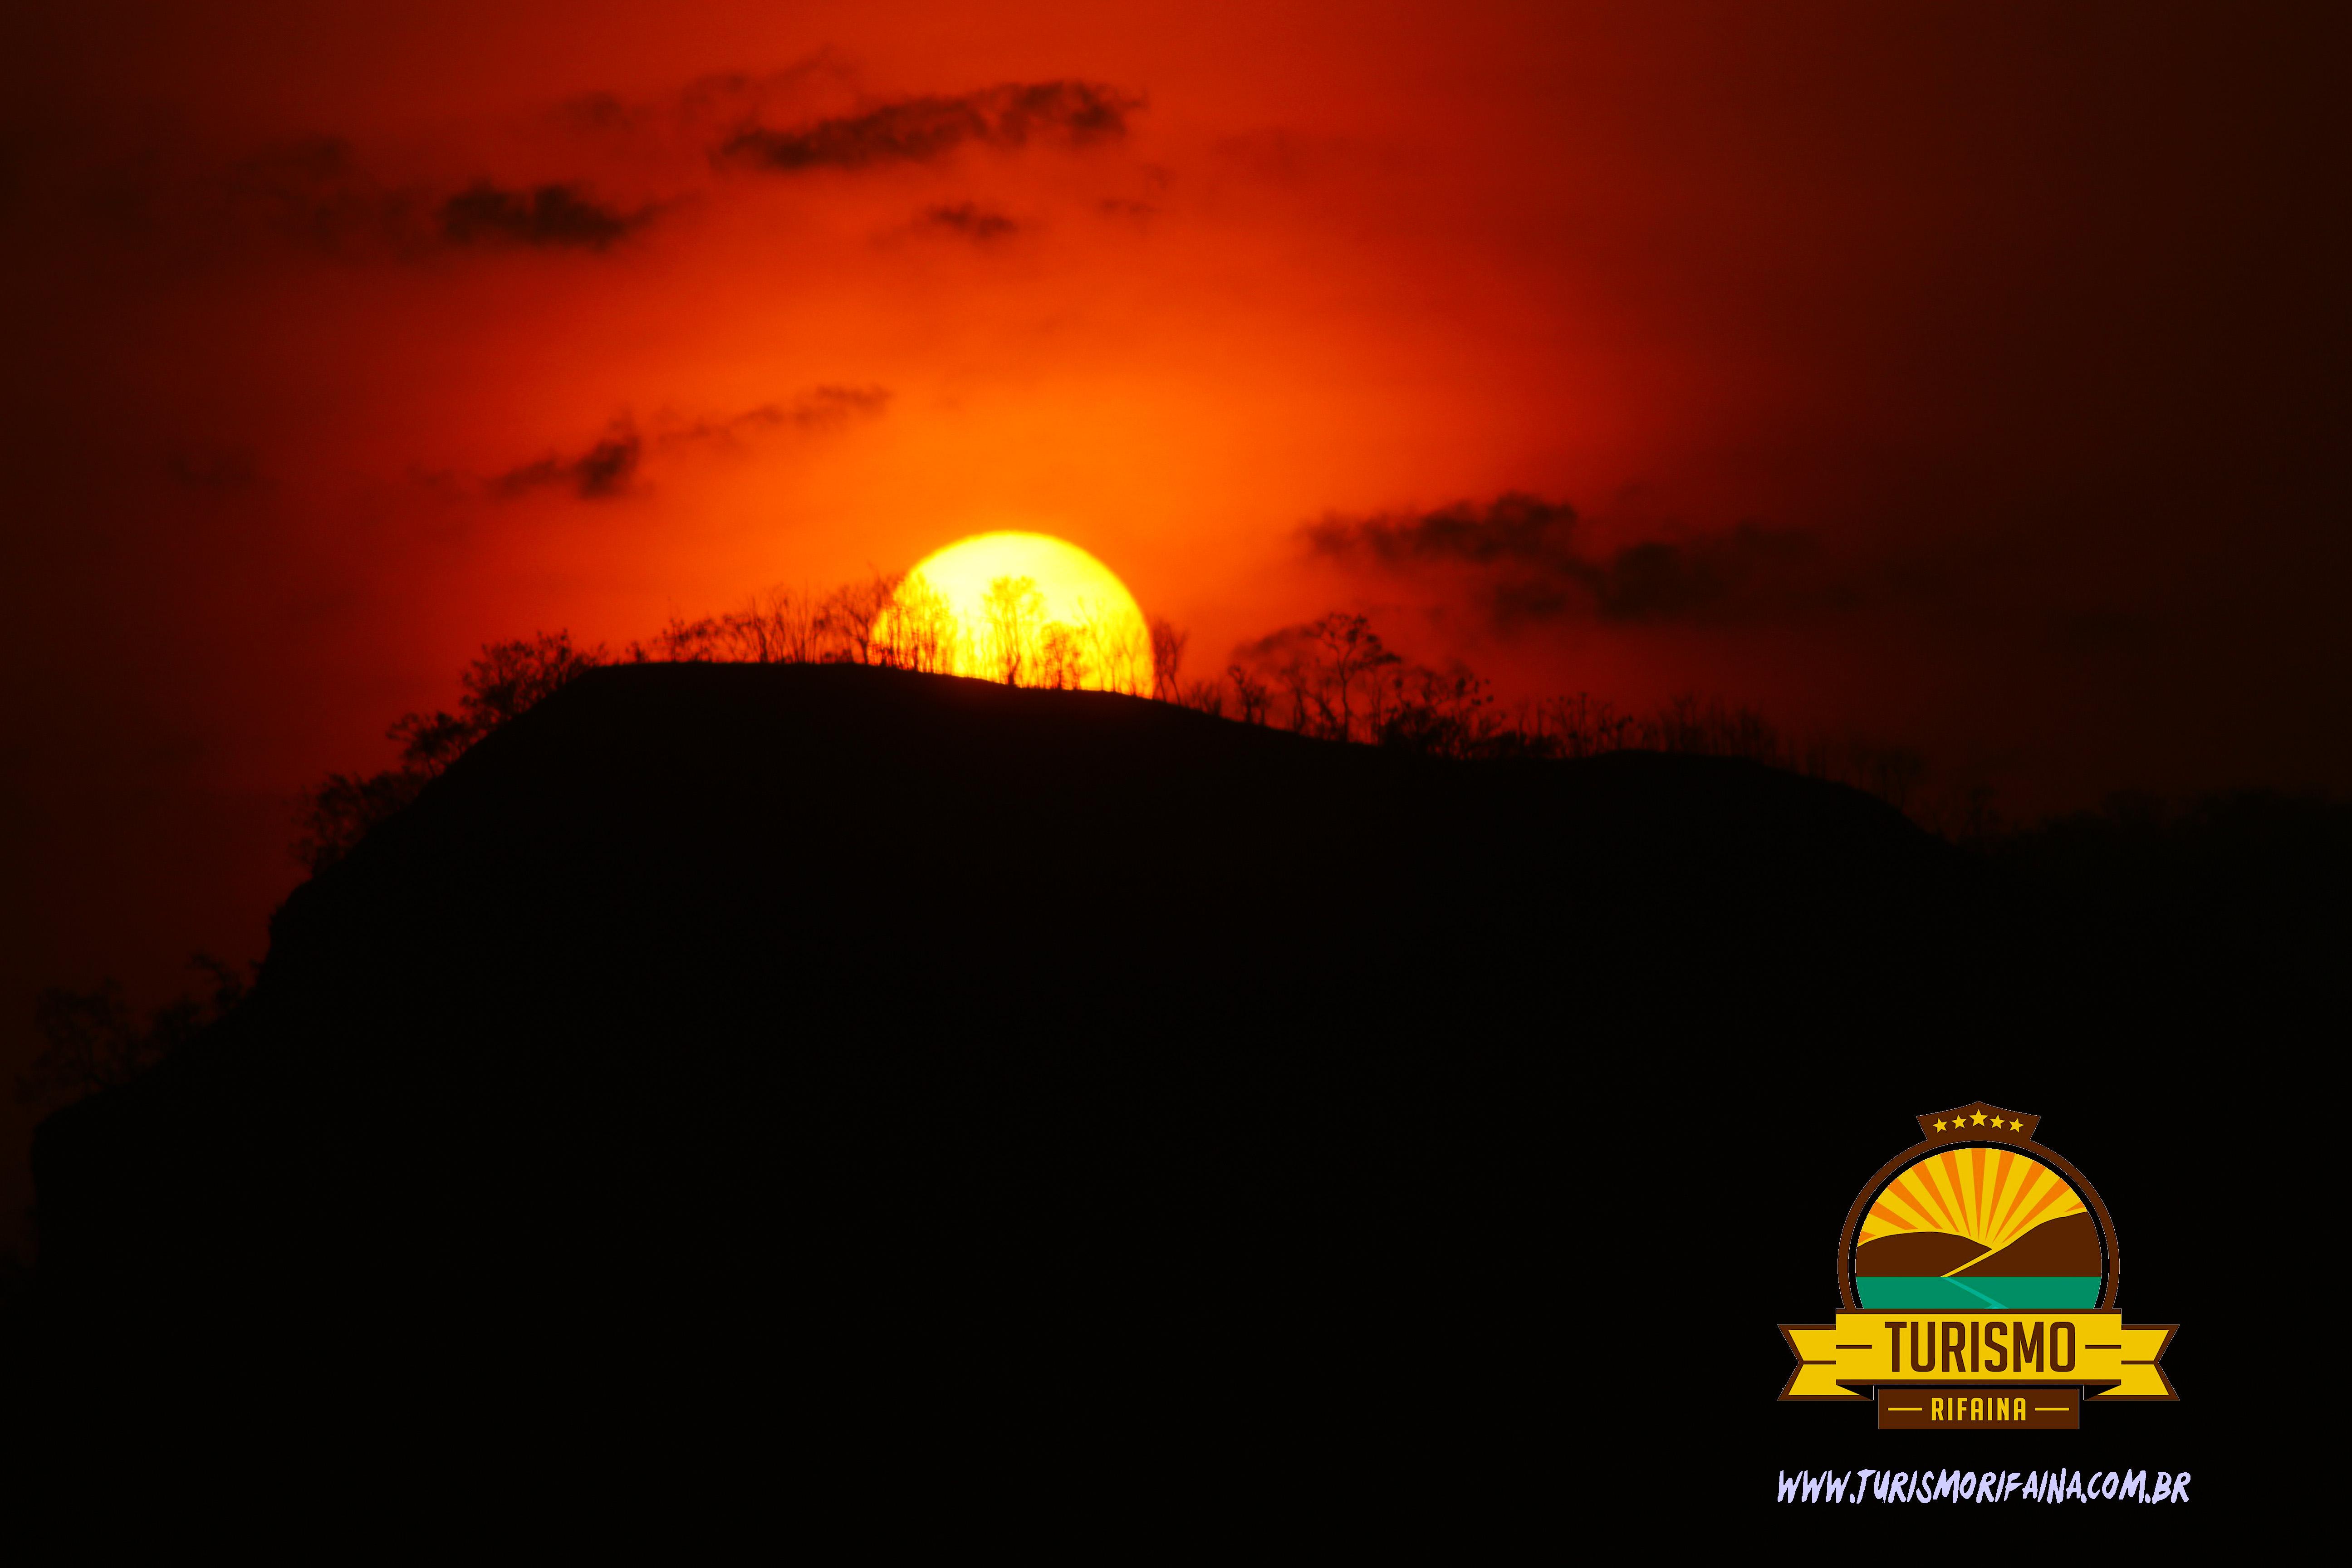 RIFAINA, Morro do Chapéu e sua característica geomórfica e as possibilidades de um produto turístico formatado